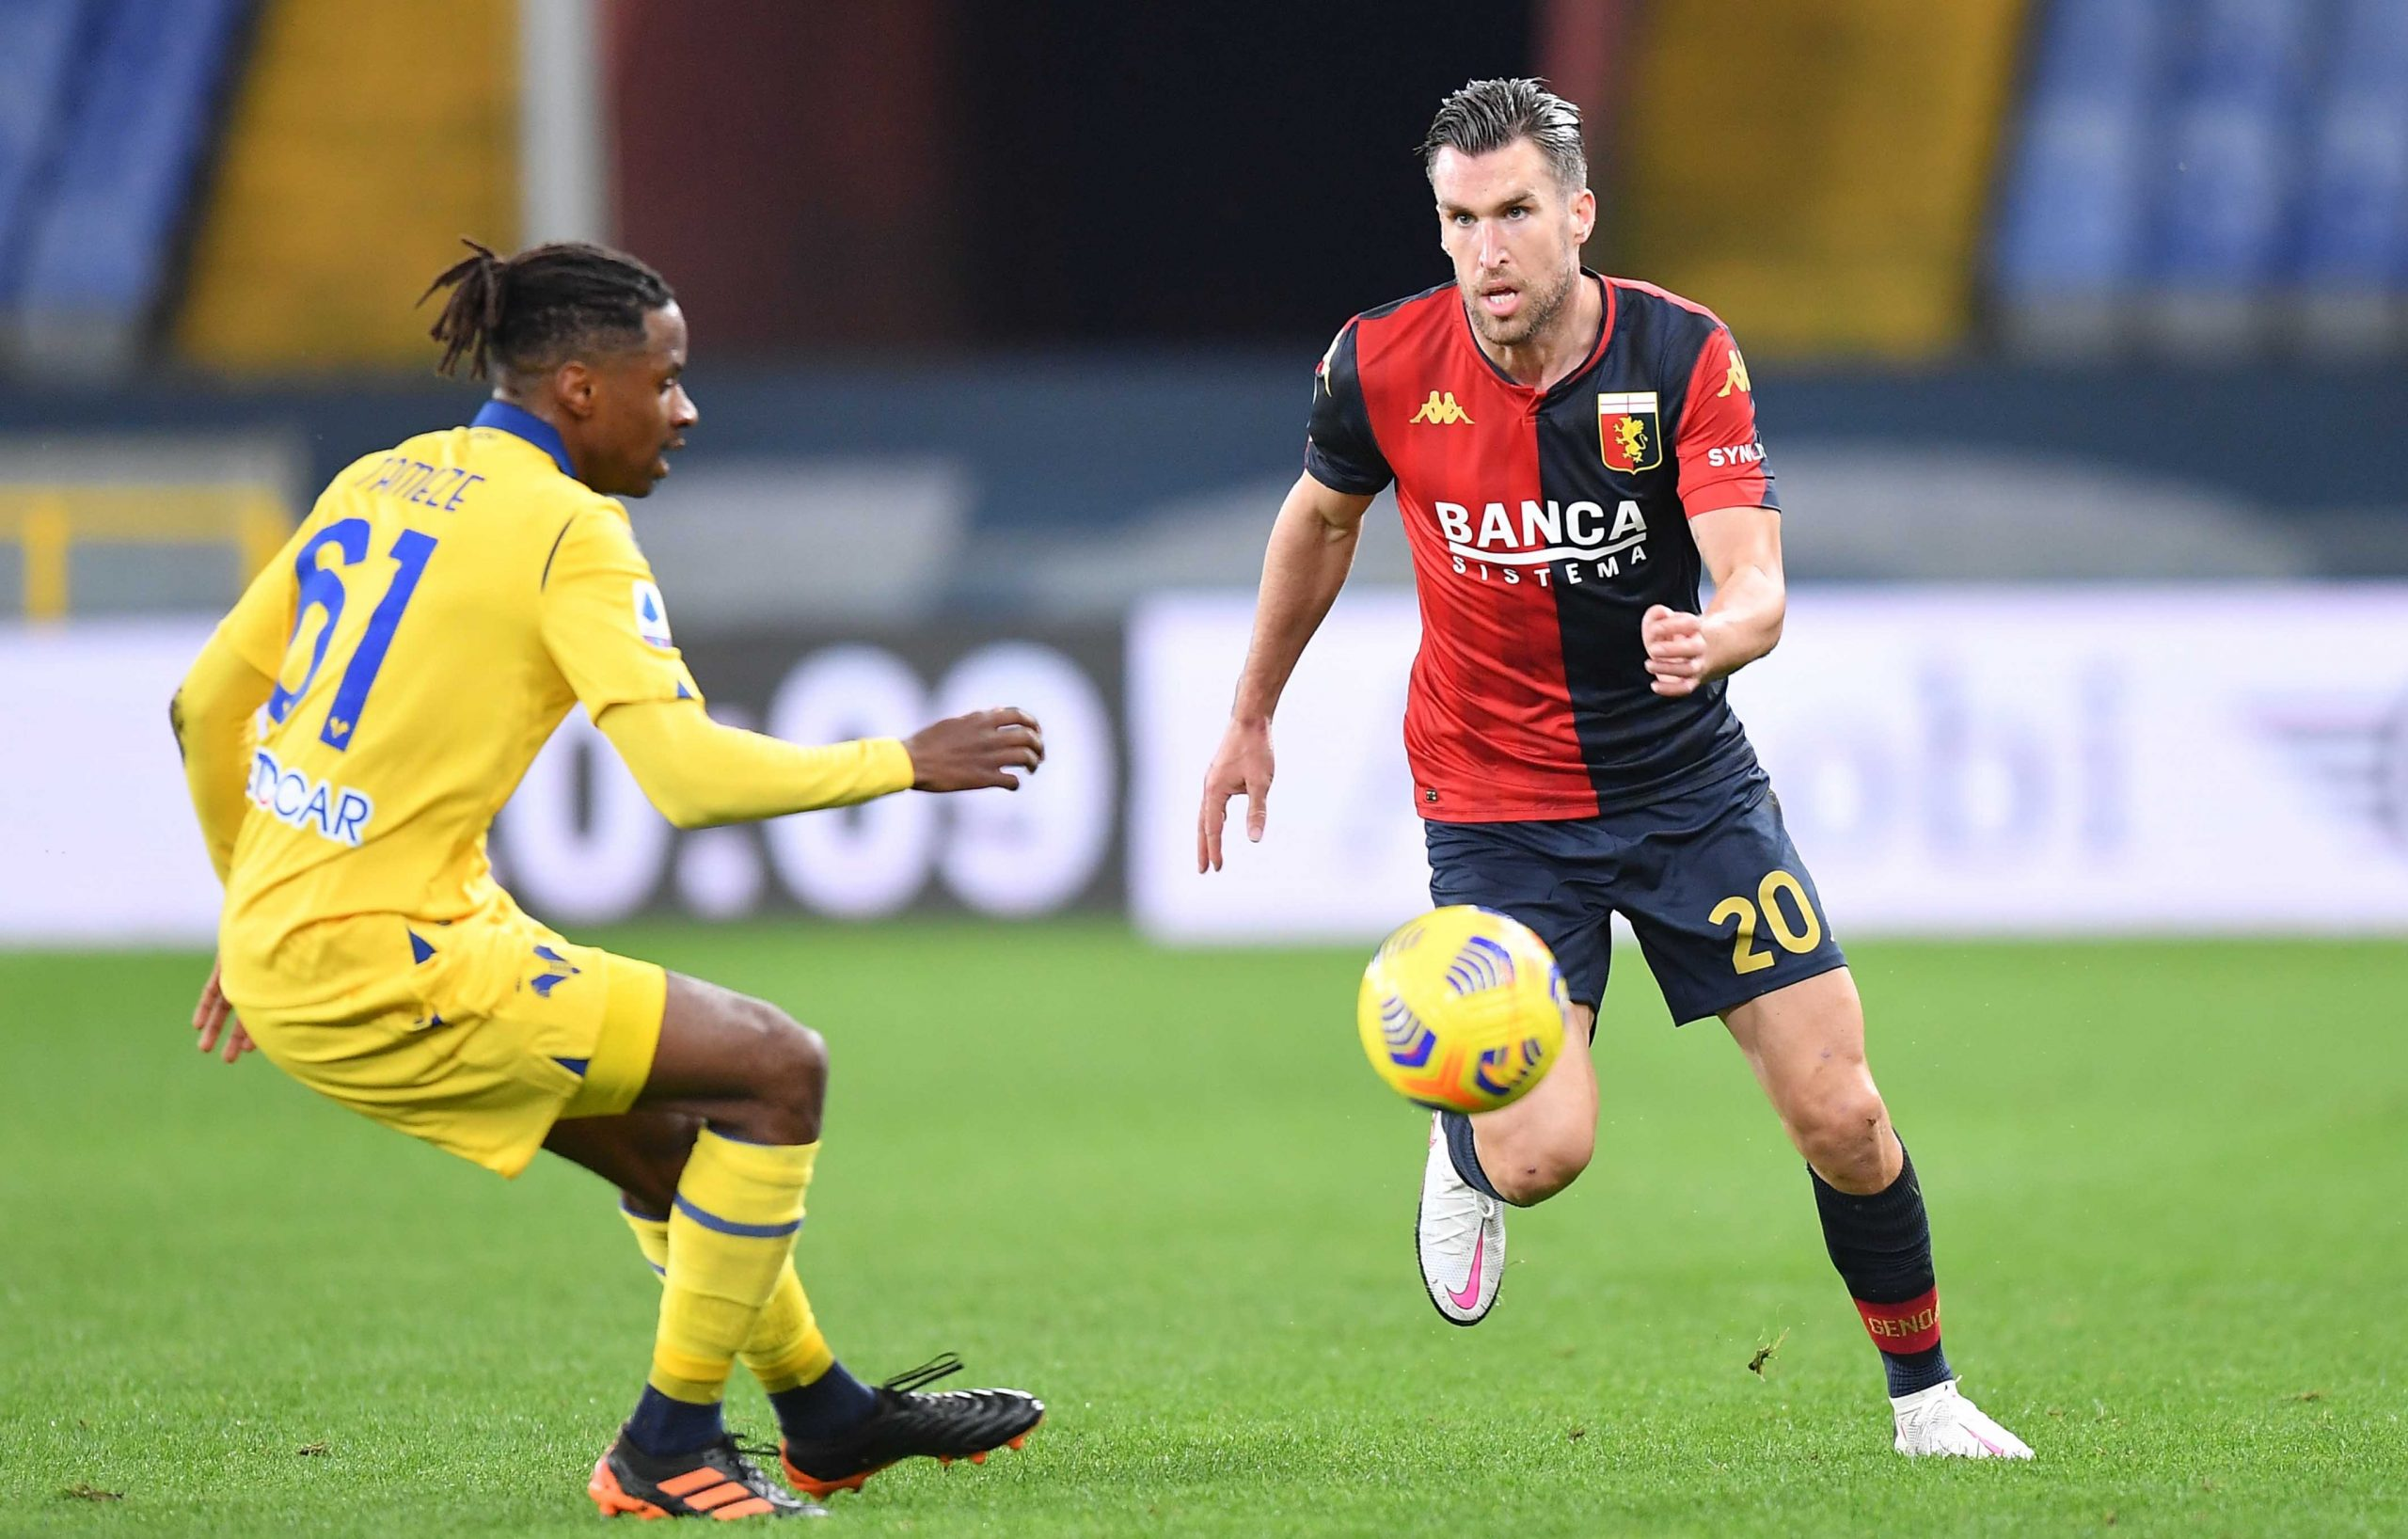 Strootman Tameze Genoa-Hellas Verona